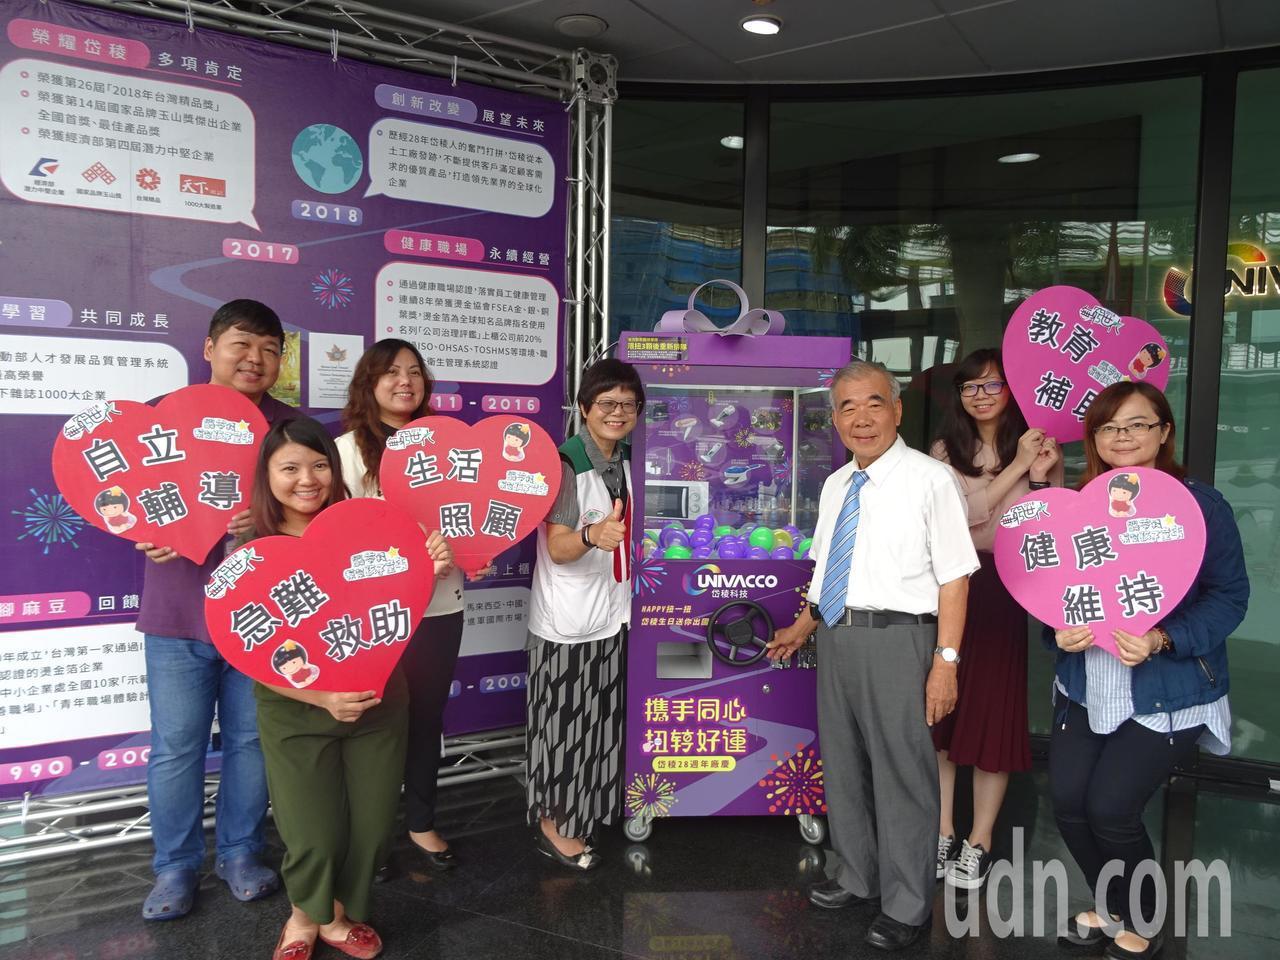 台南麻豆岱稜科技公司歡度28周年廠慶,利用扭蛋遊戲投入公益,所得全數作為公益使用...